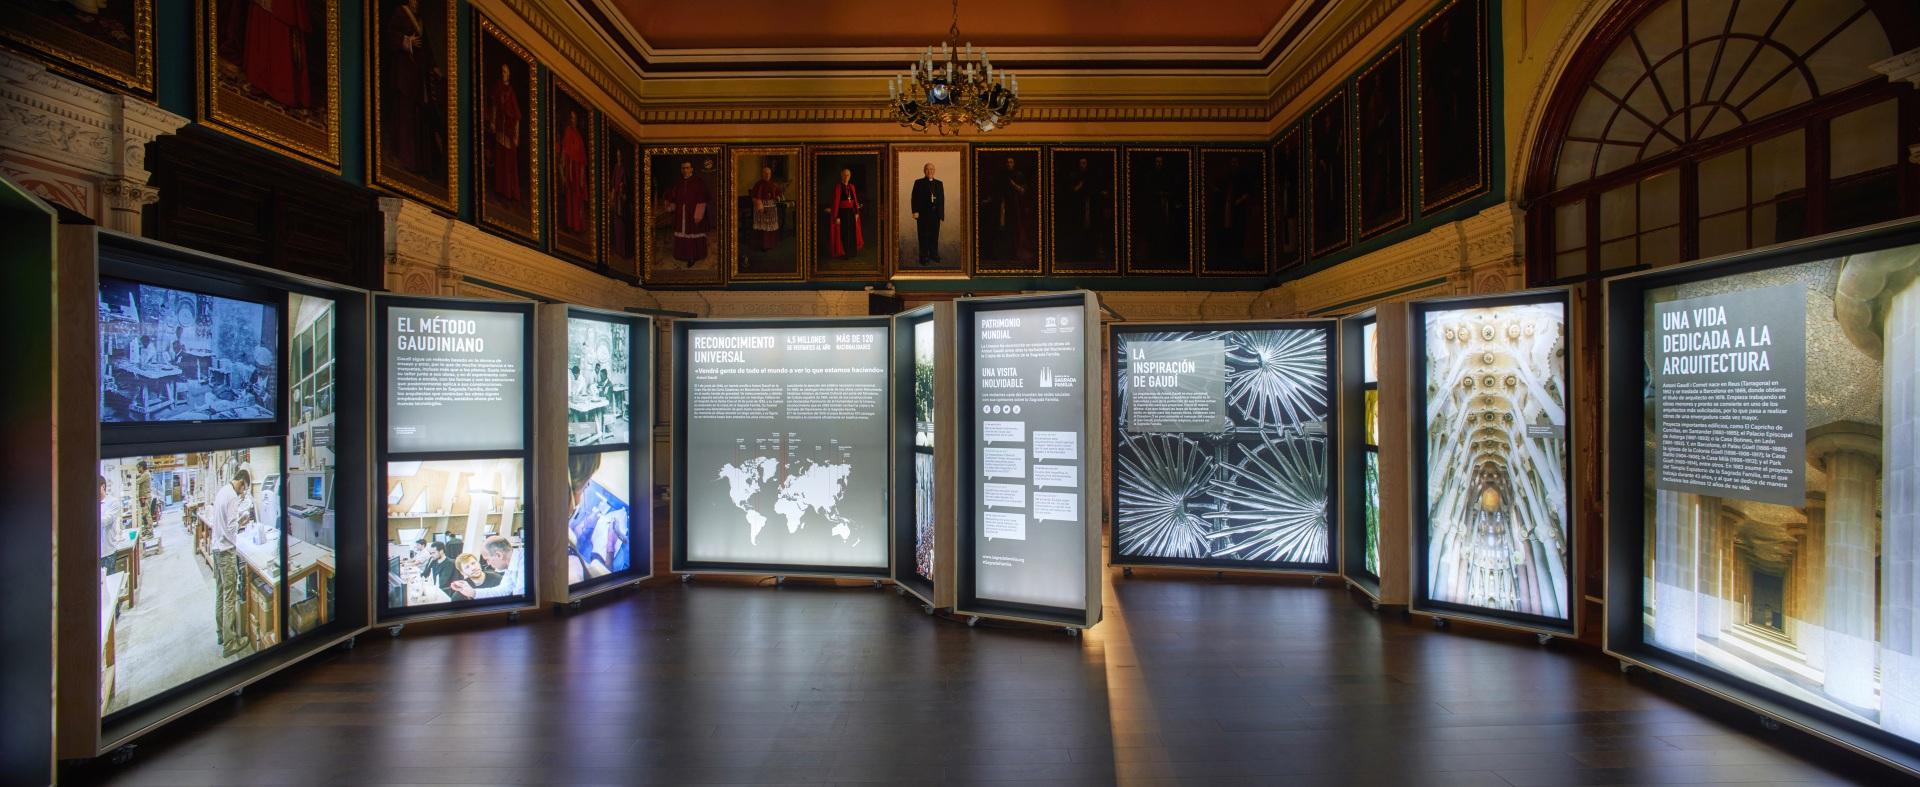 Exposición Gaudí Sagrada Familia. Imágenes de la arquitectura de Gaudí en cajas iluminadas. Sala antigua con retratos de cardenales.